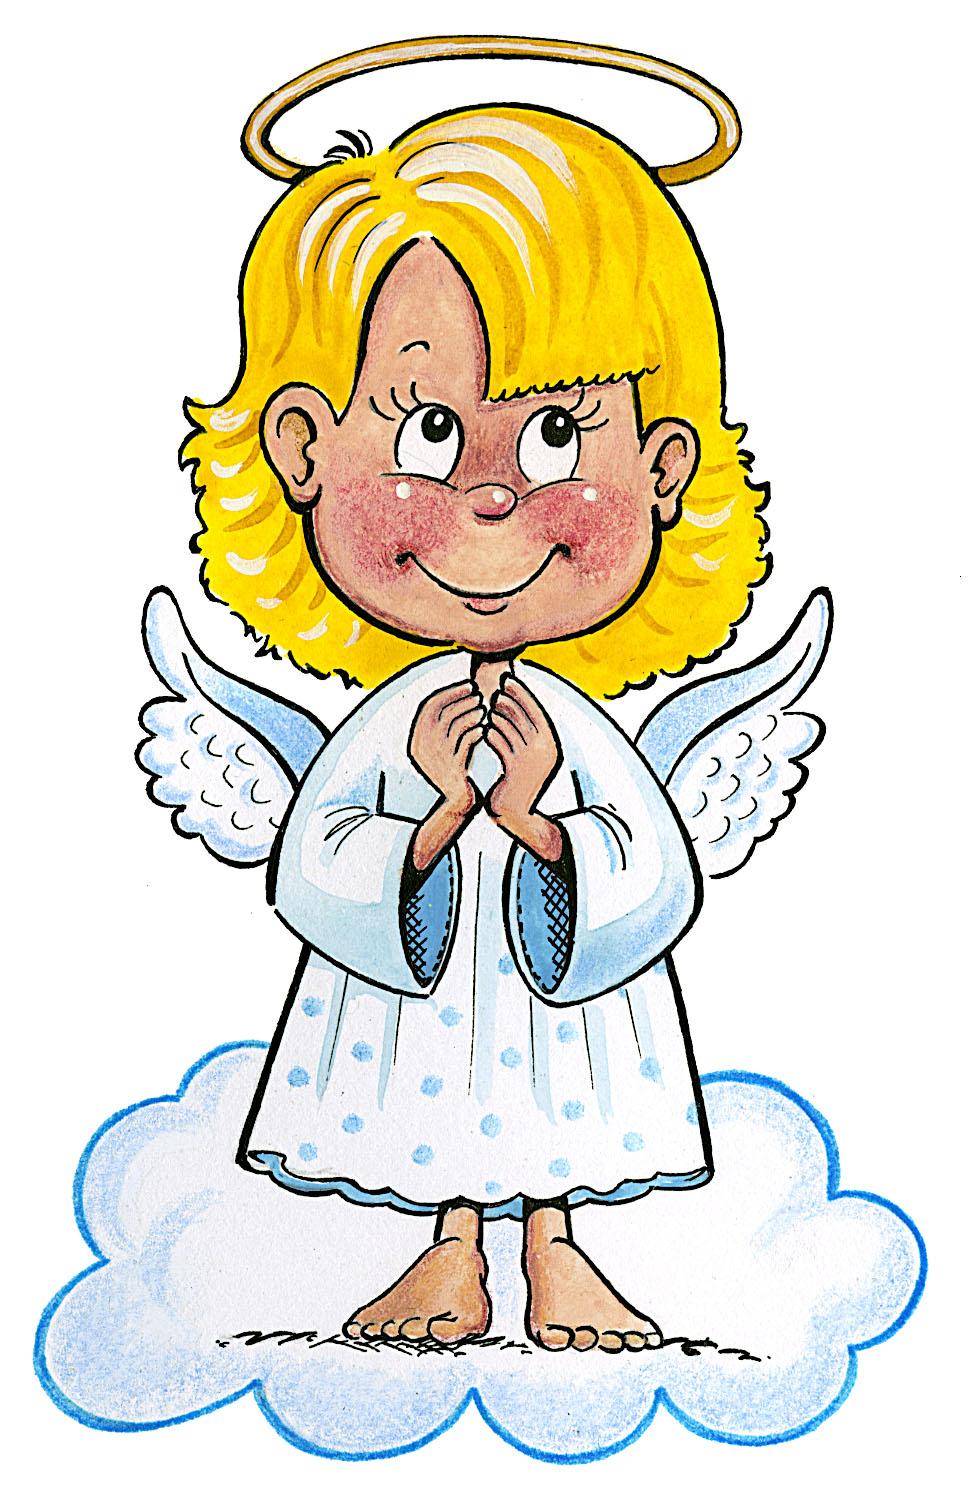 süsser engel — ein sahne vanille likör pictures